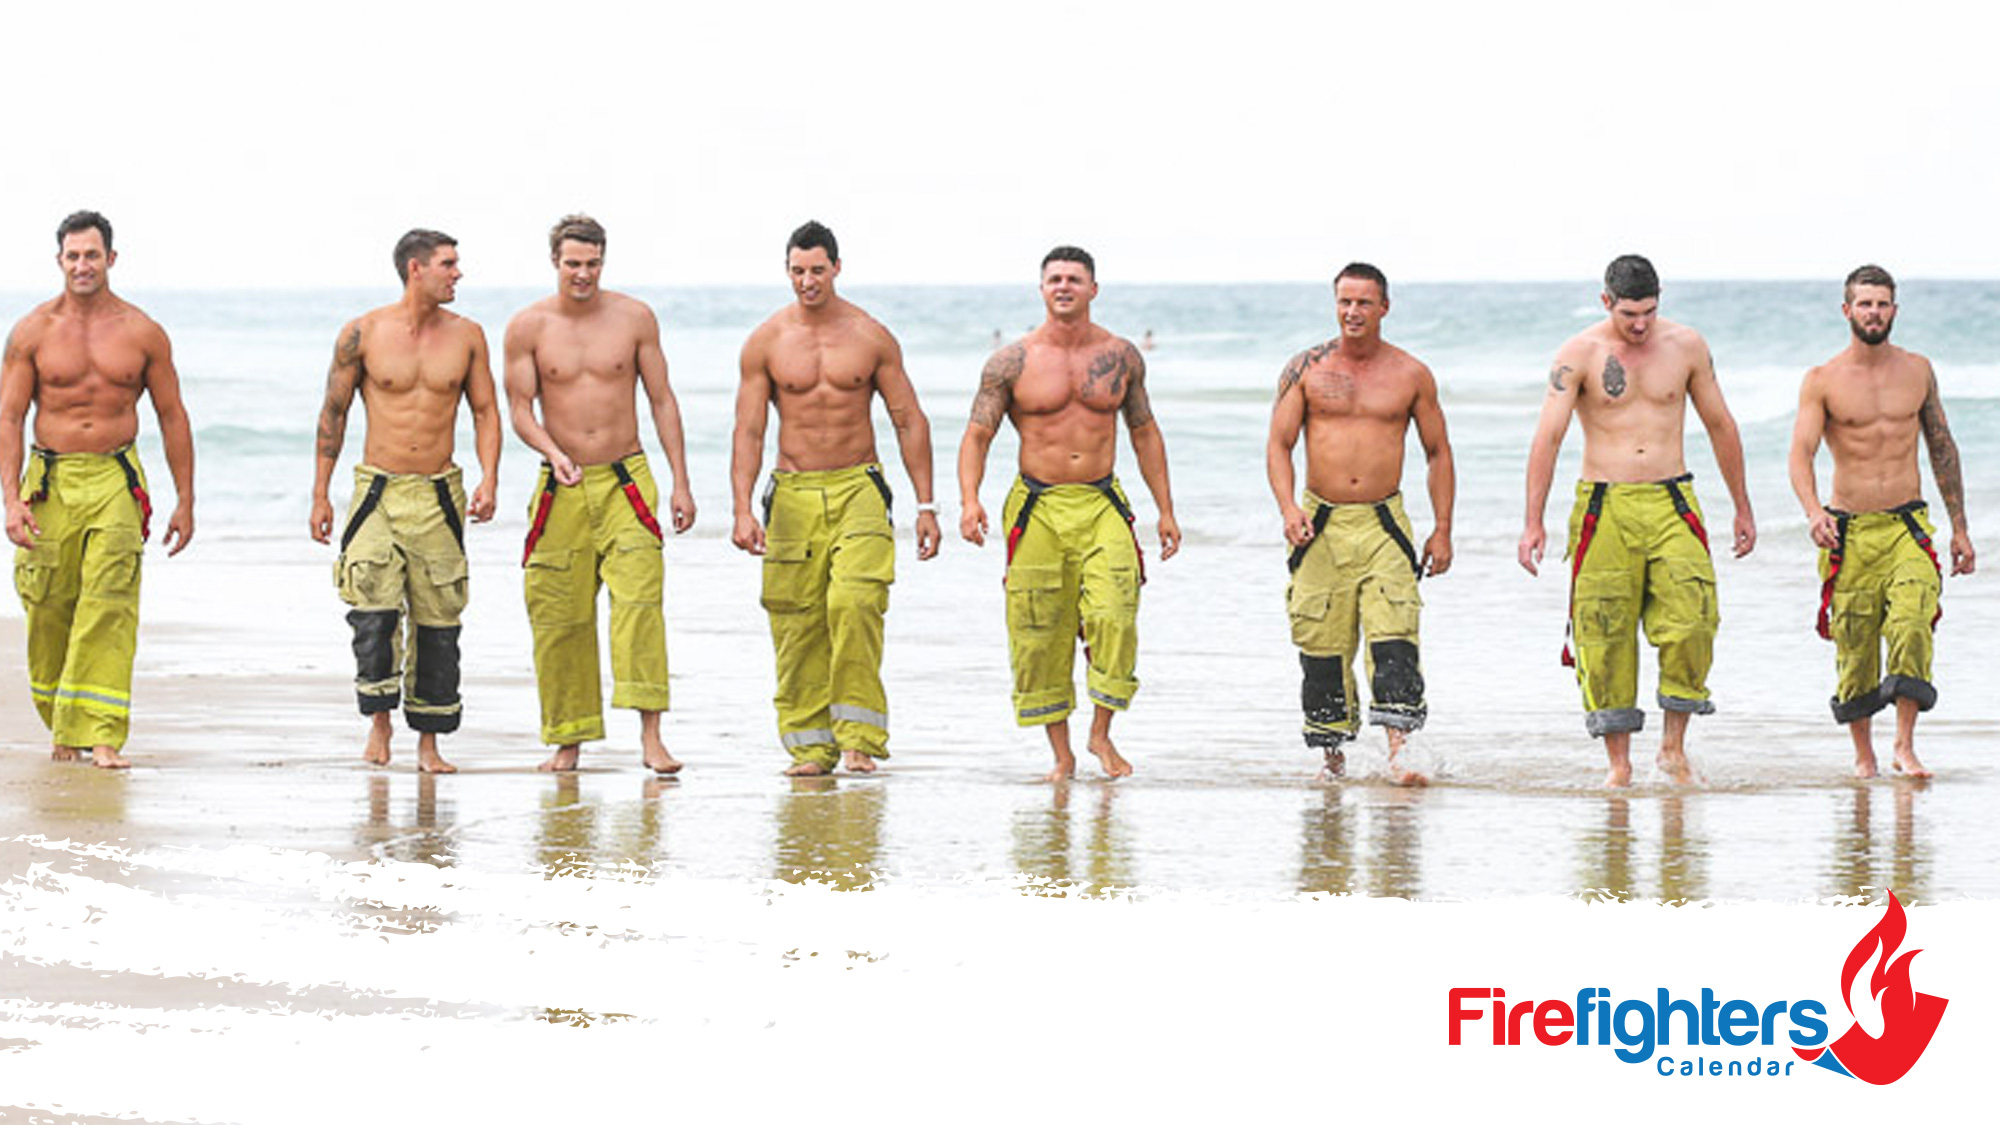 Wallpapers   Australian Firefighters Calendar 2000x1125